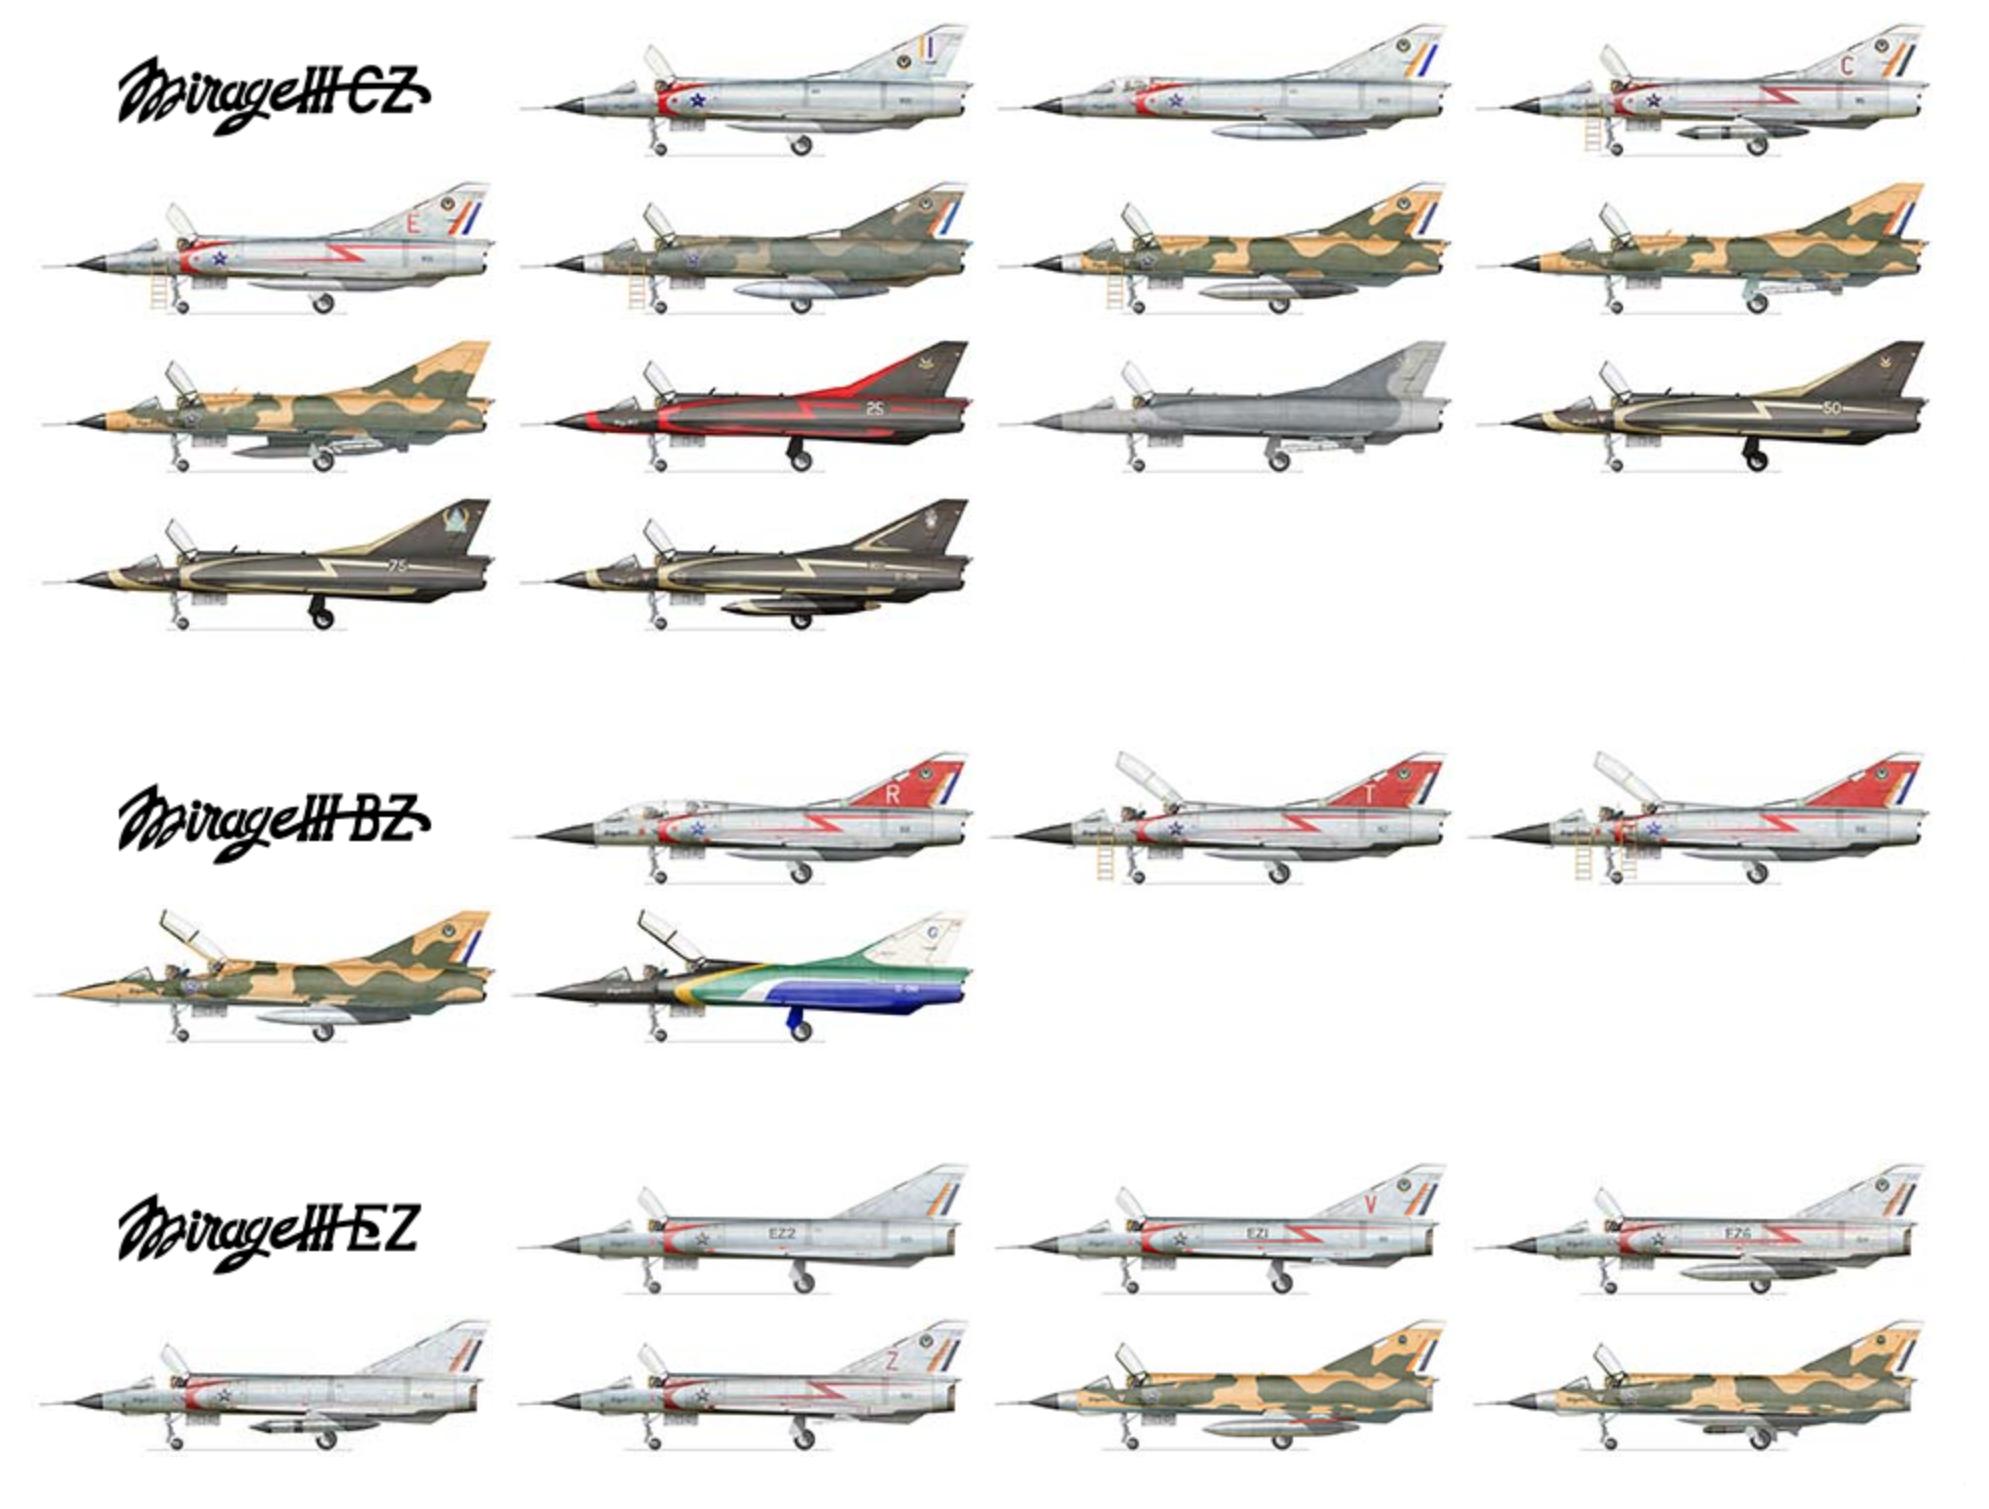 Mirage III in SAAF